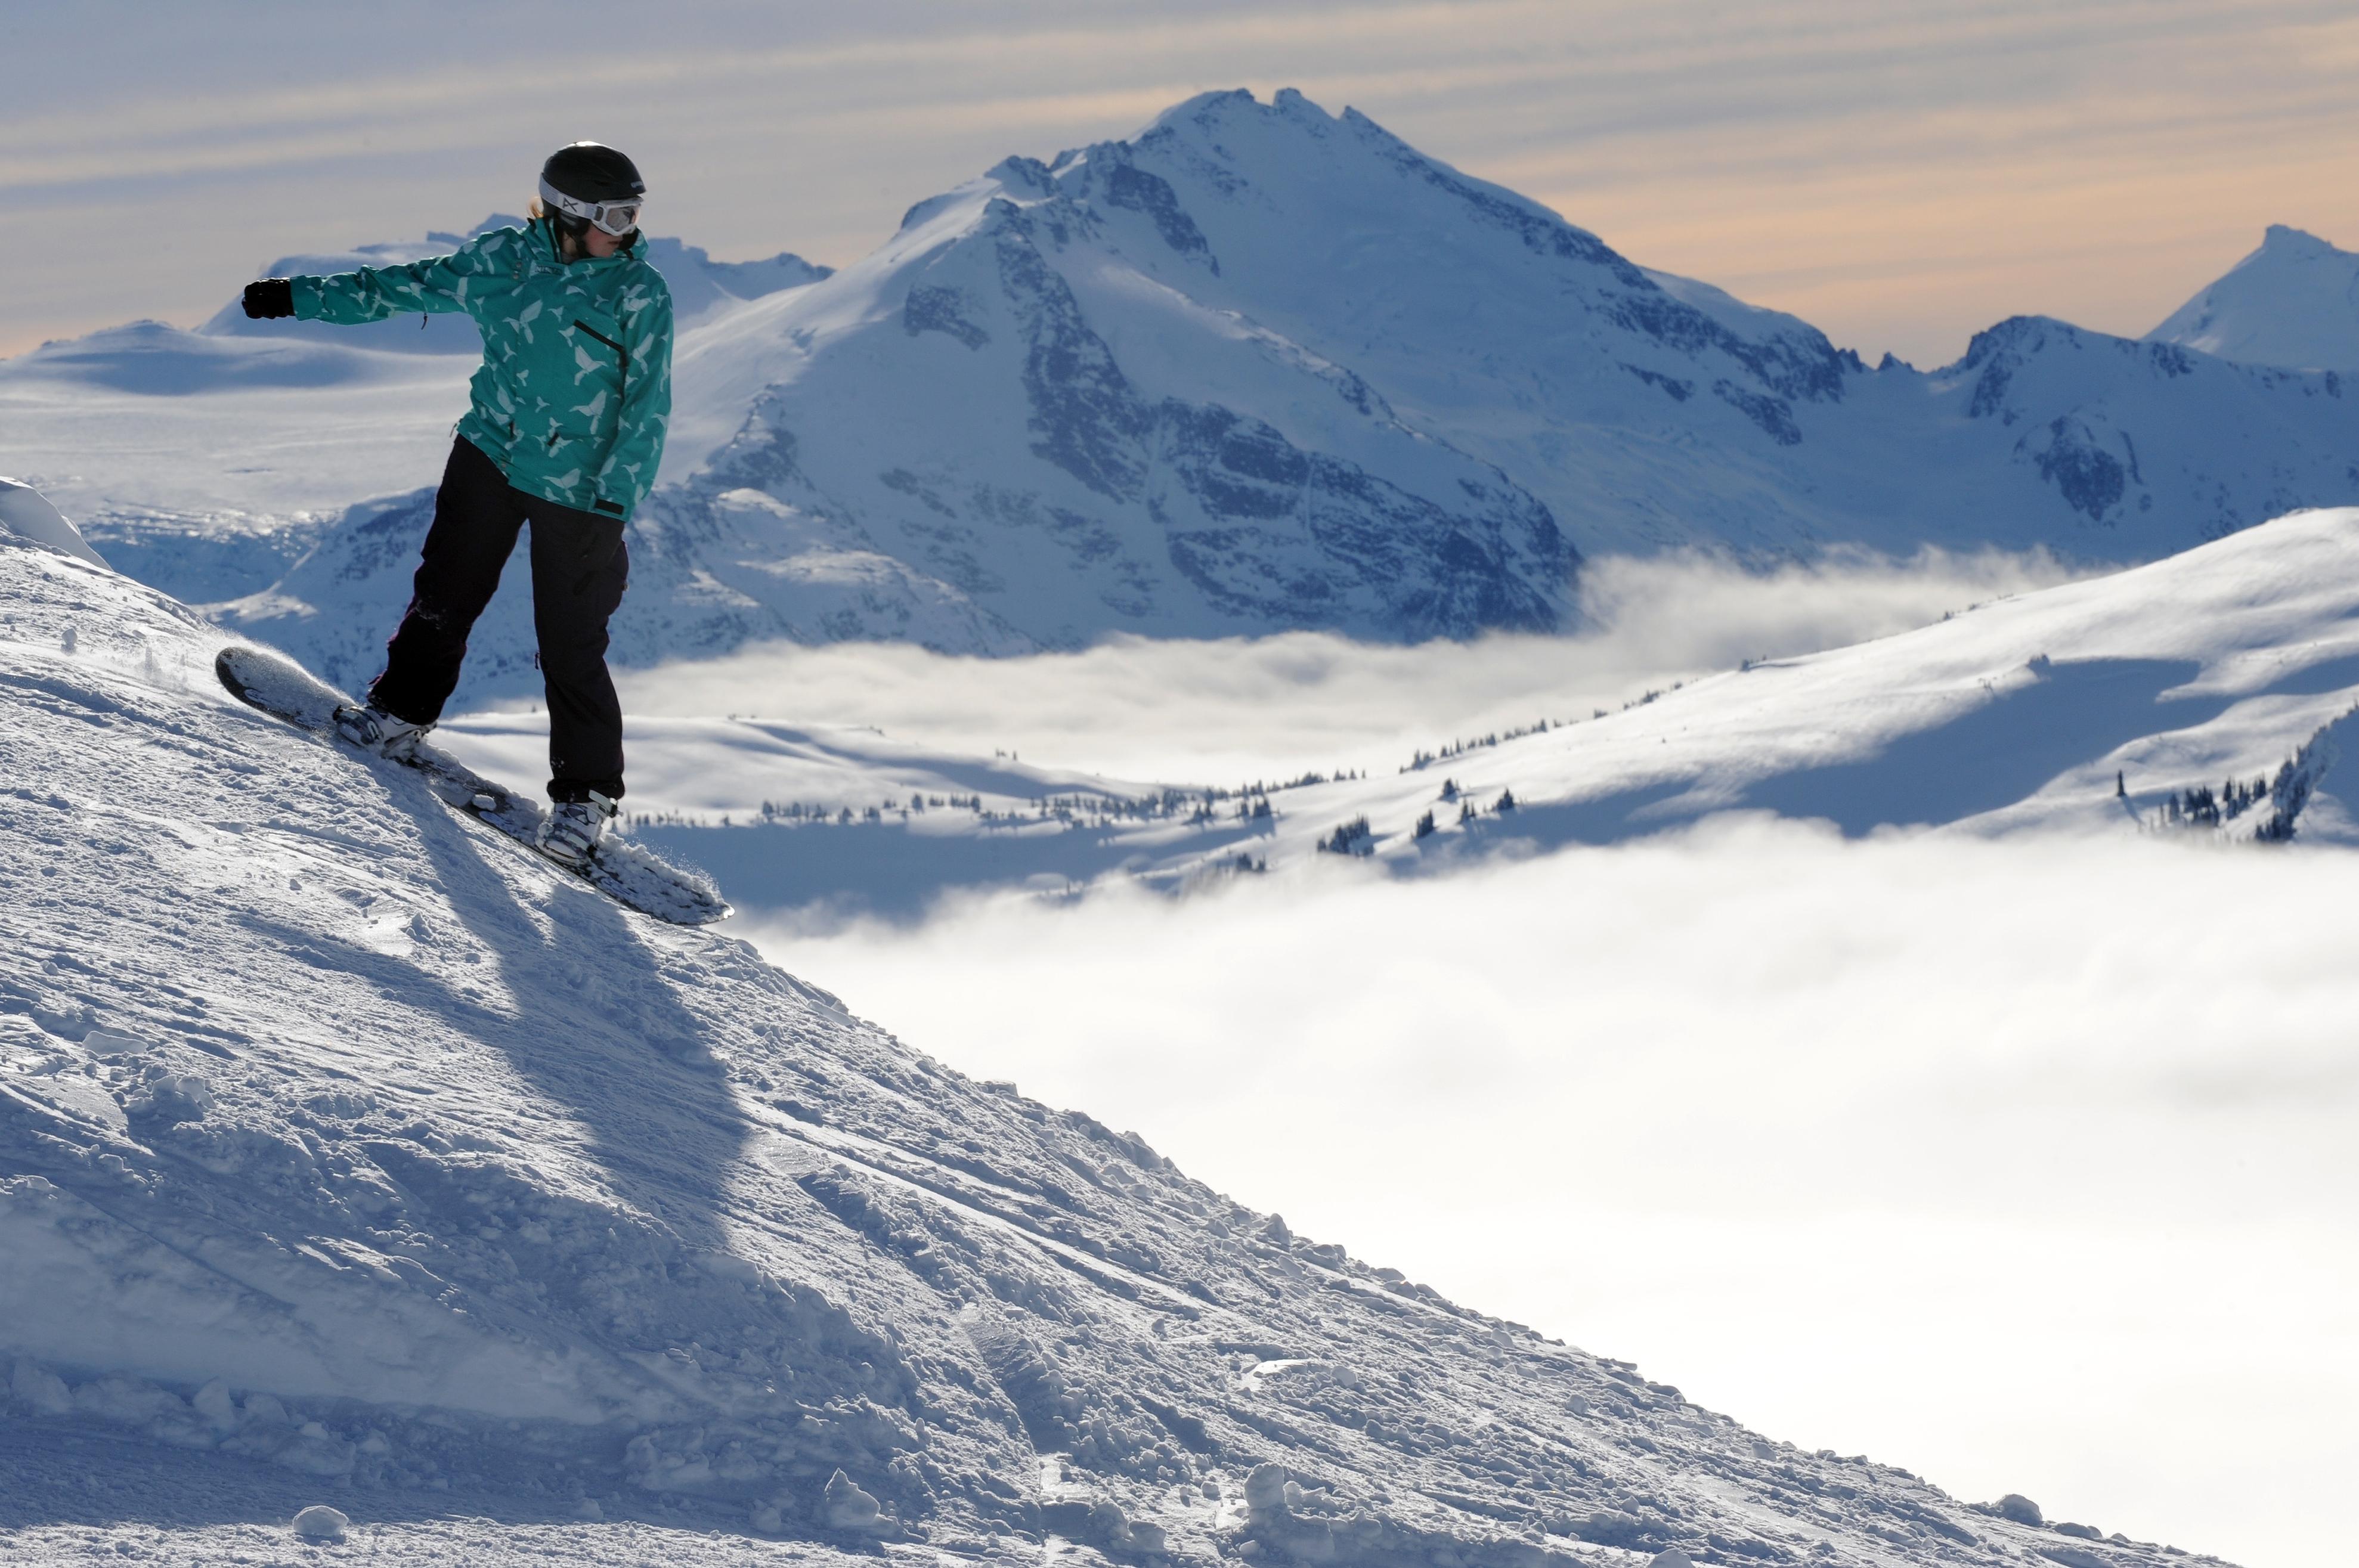 Skiing at Whistler Blackcomb resort, Canada